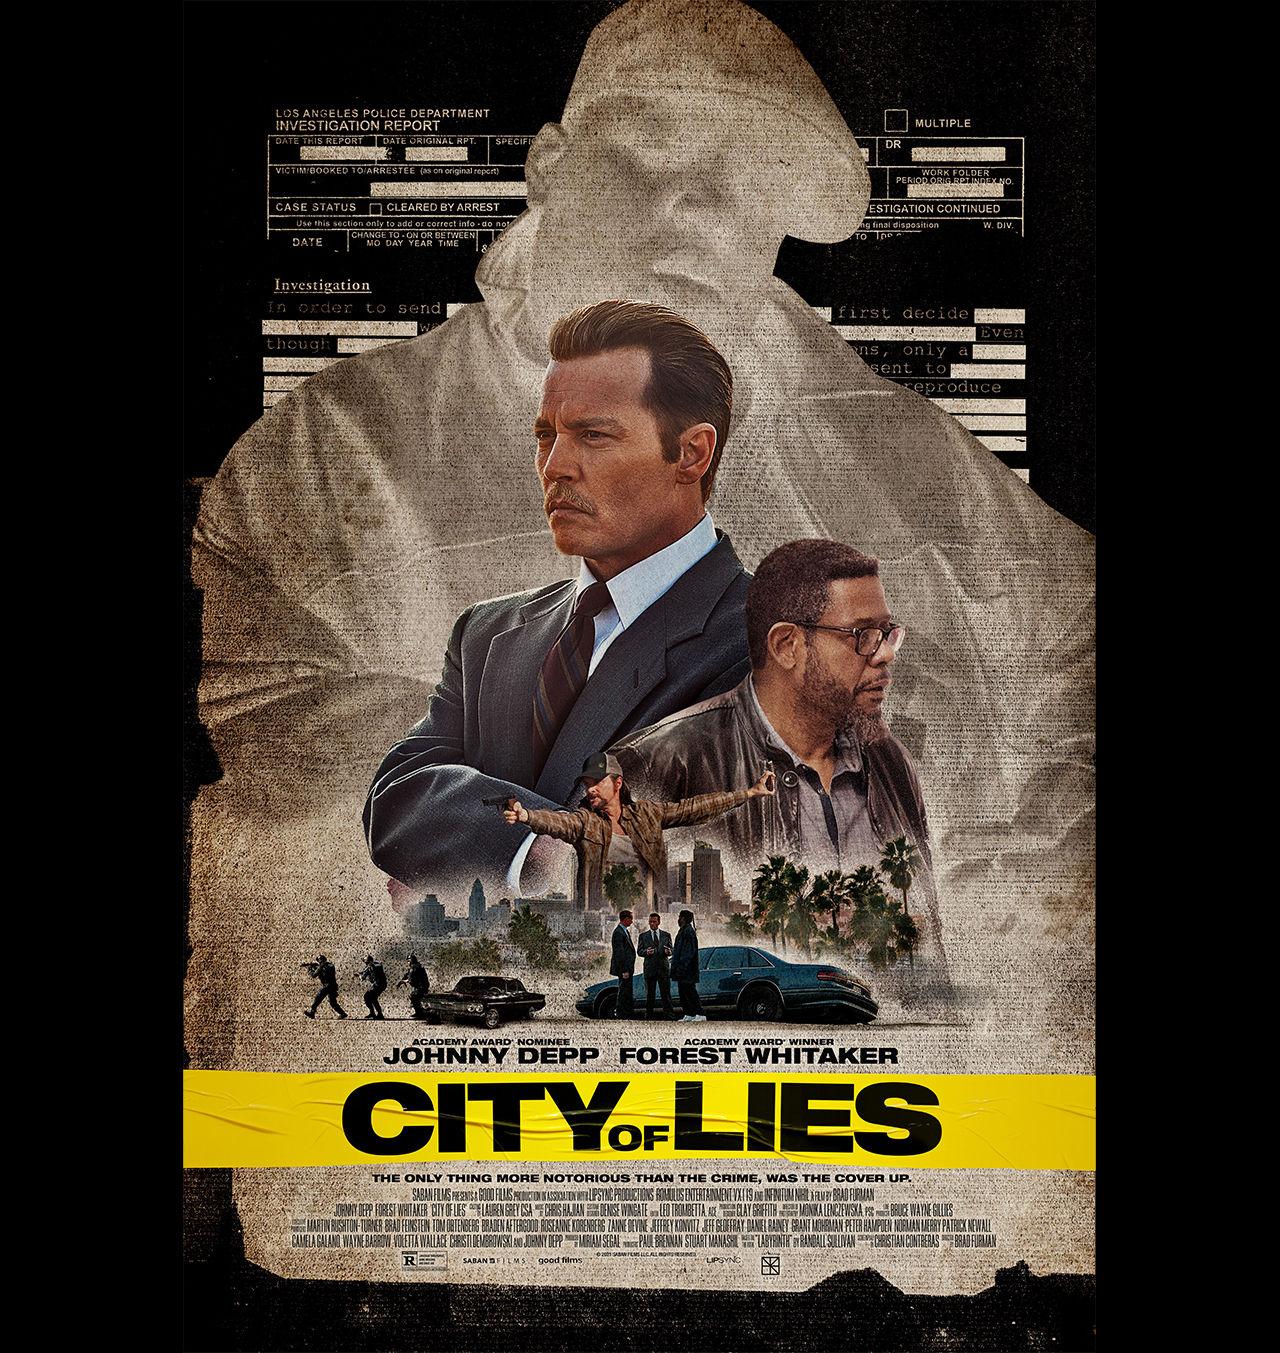 Snart släpps filmen City of Lies